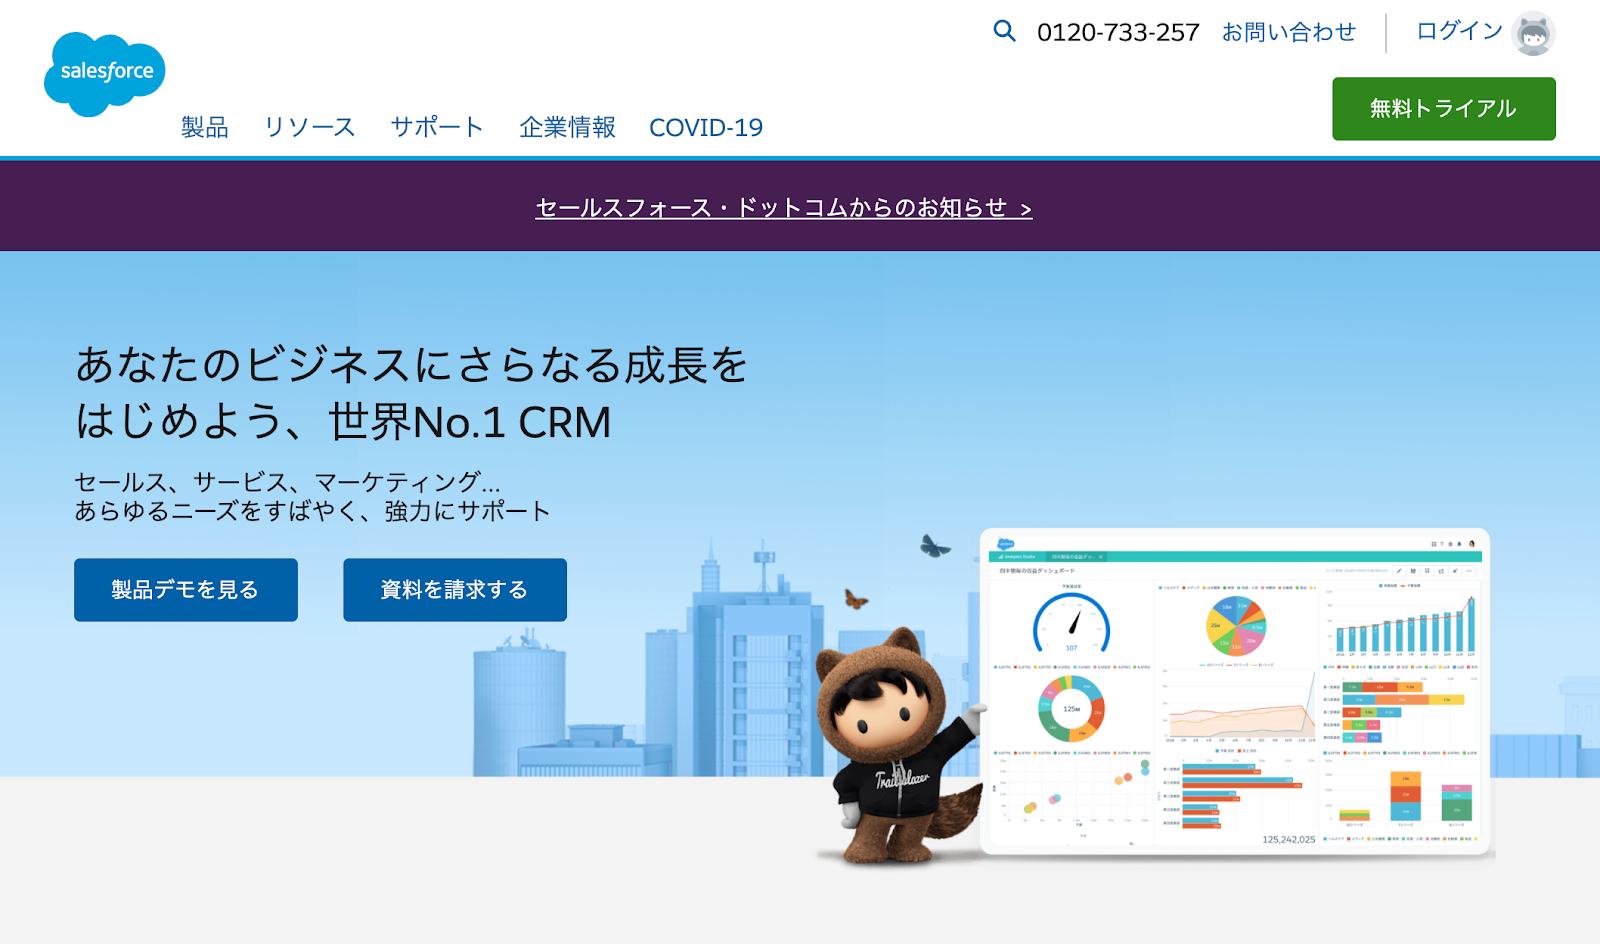 Salesforceのトップ画面